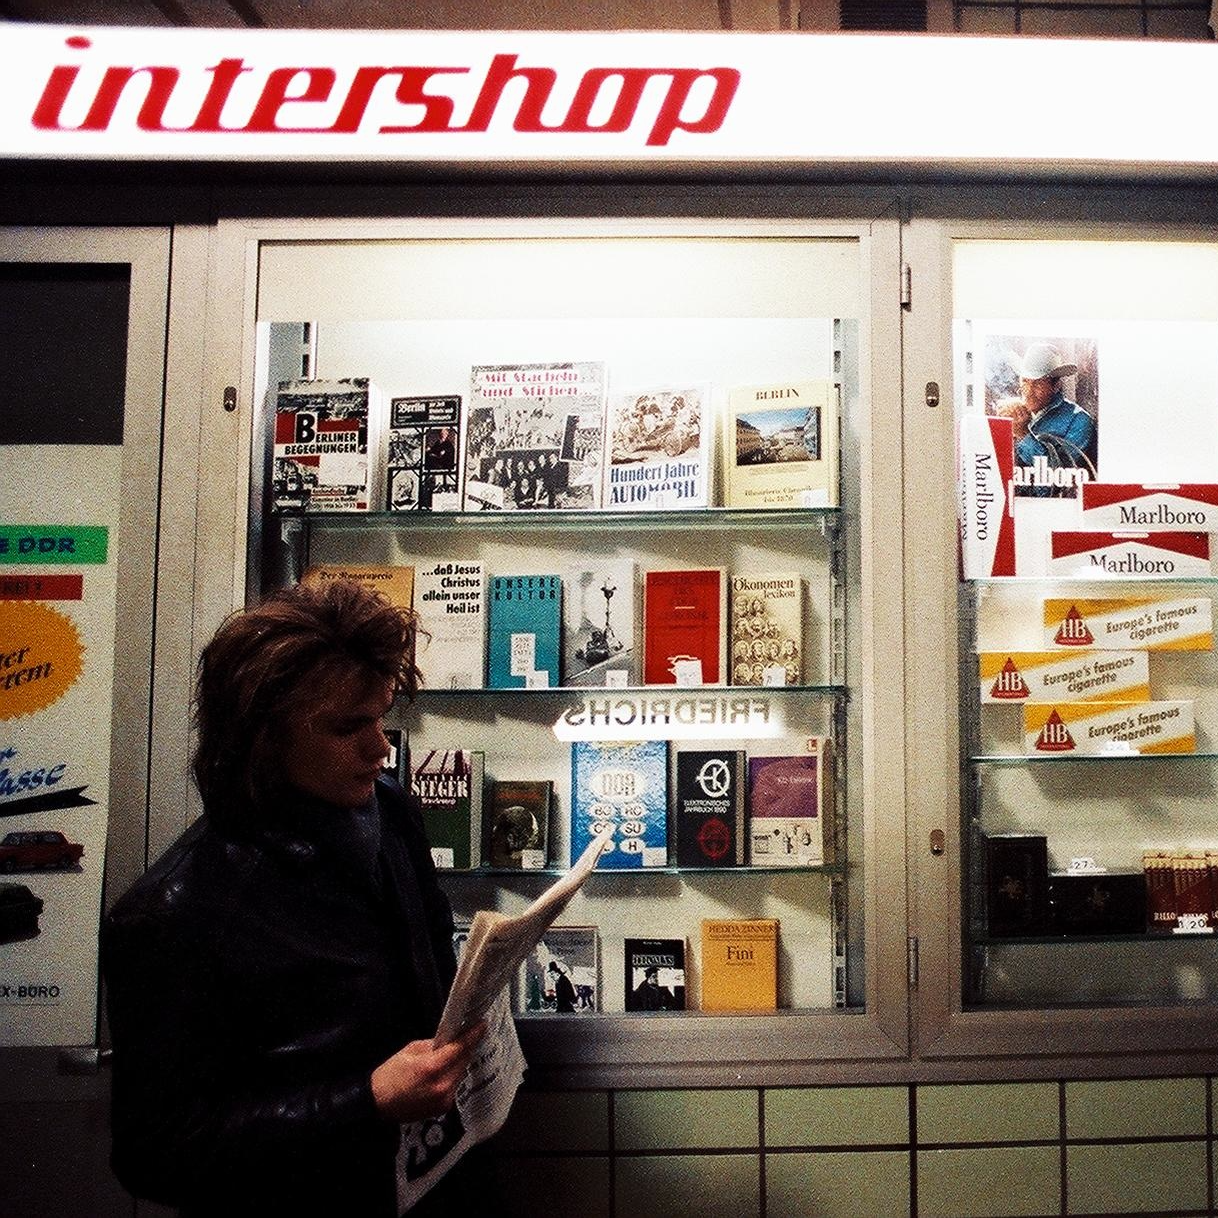 Intershop auf einem U-Bahnsteig des Bahnhofs Berlin Friedrichstraße, nur von West-Berlin aus zugänglich, daher auch mit Schaufenstern, die sonst nicht vorhanden waren. Ebenso gehörten Bücher üblicherweise nicht zum Angebot von Intershops.